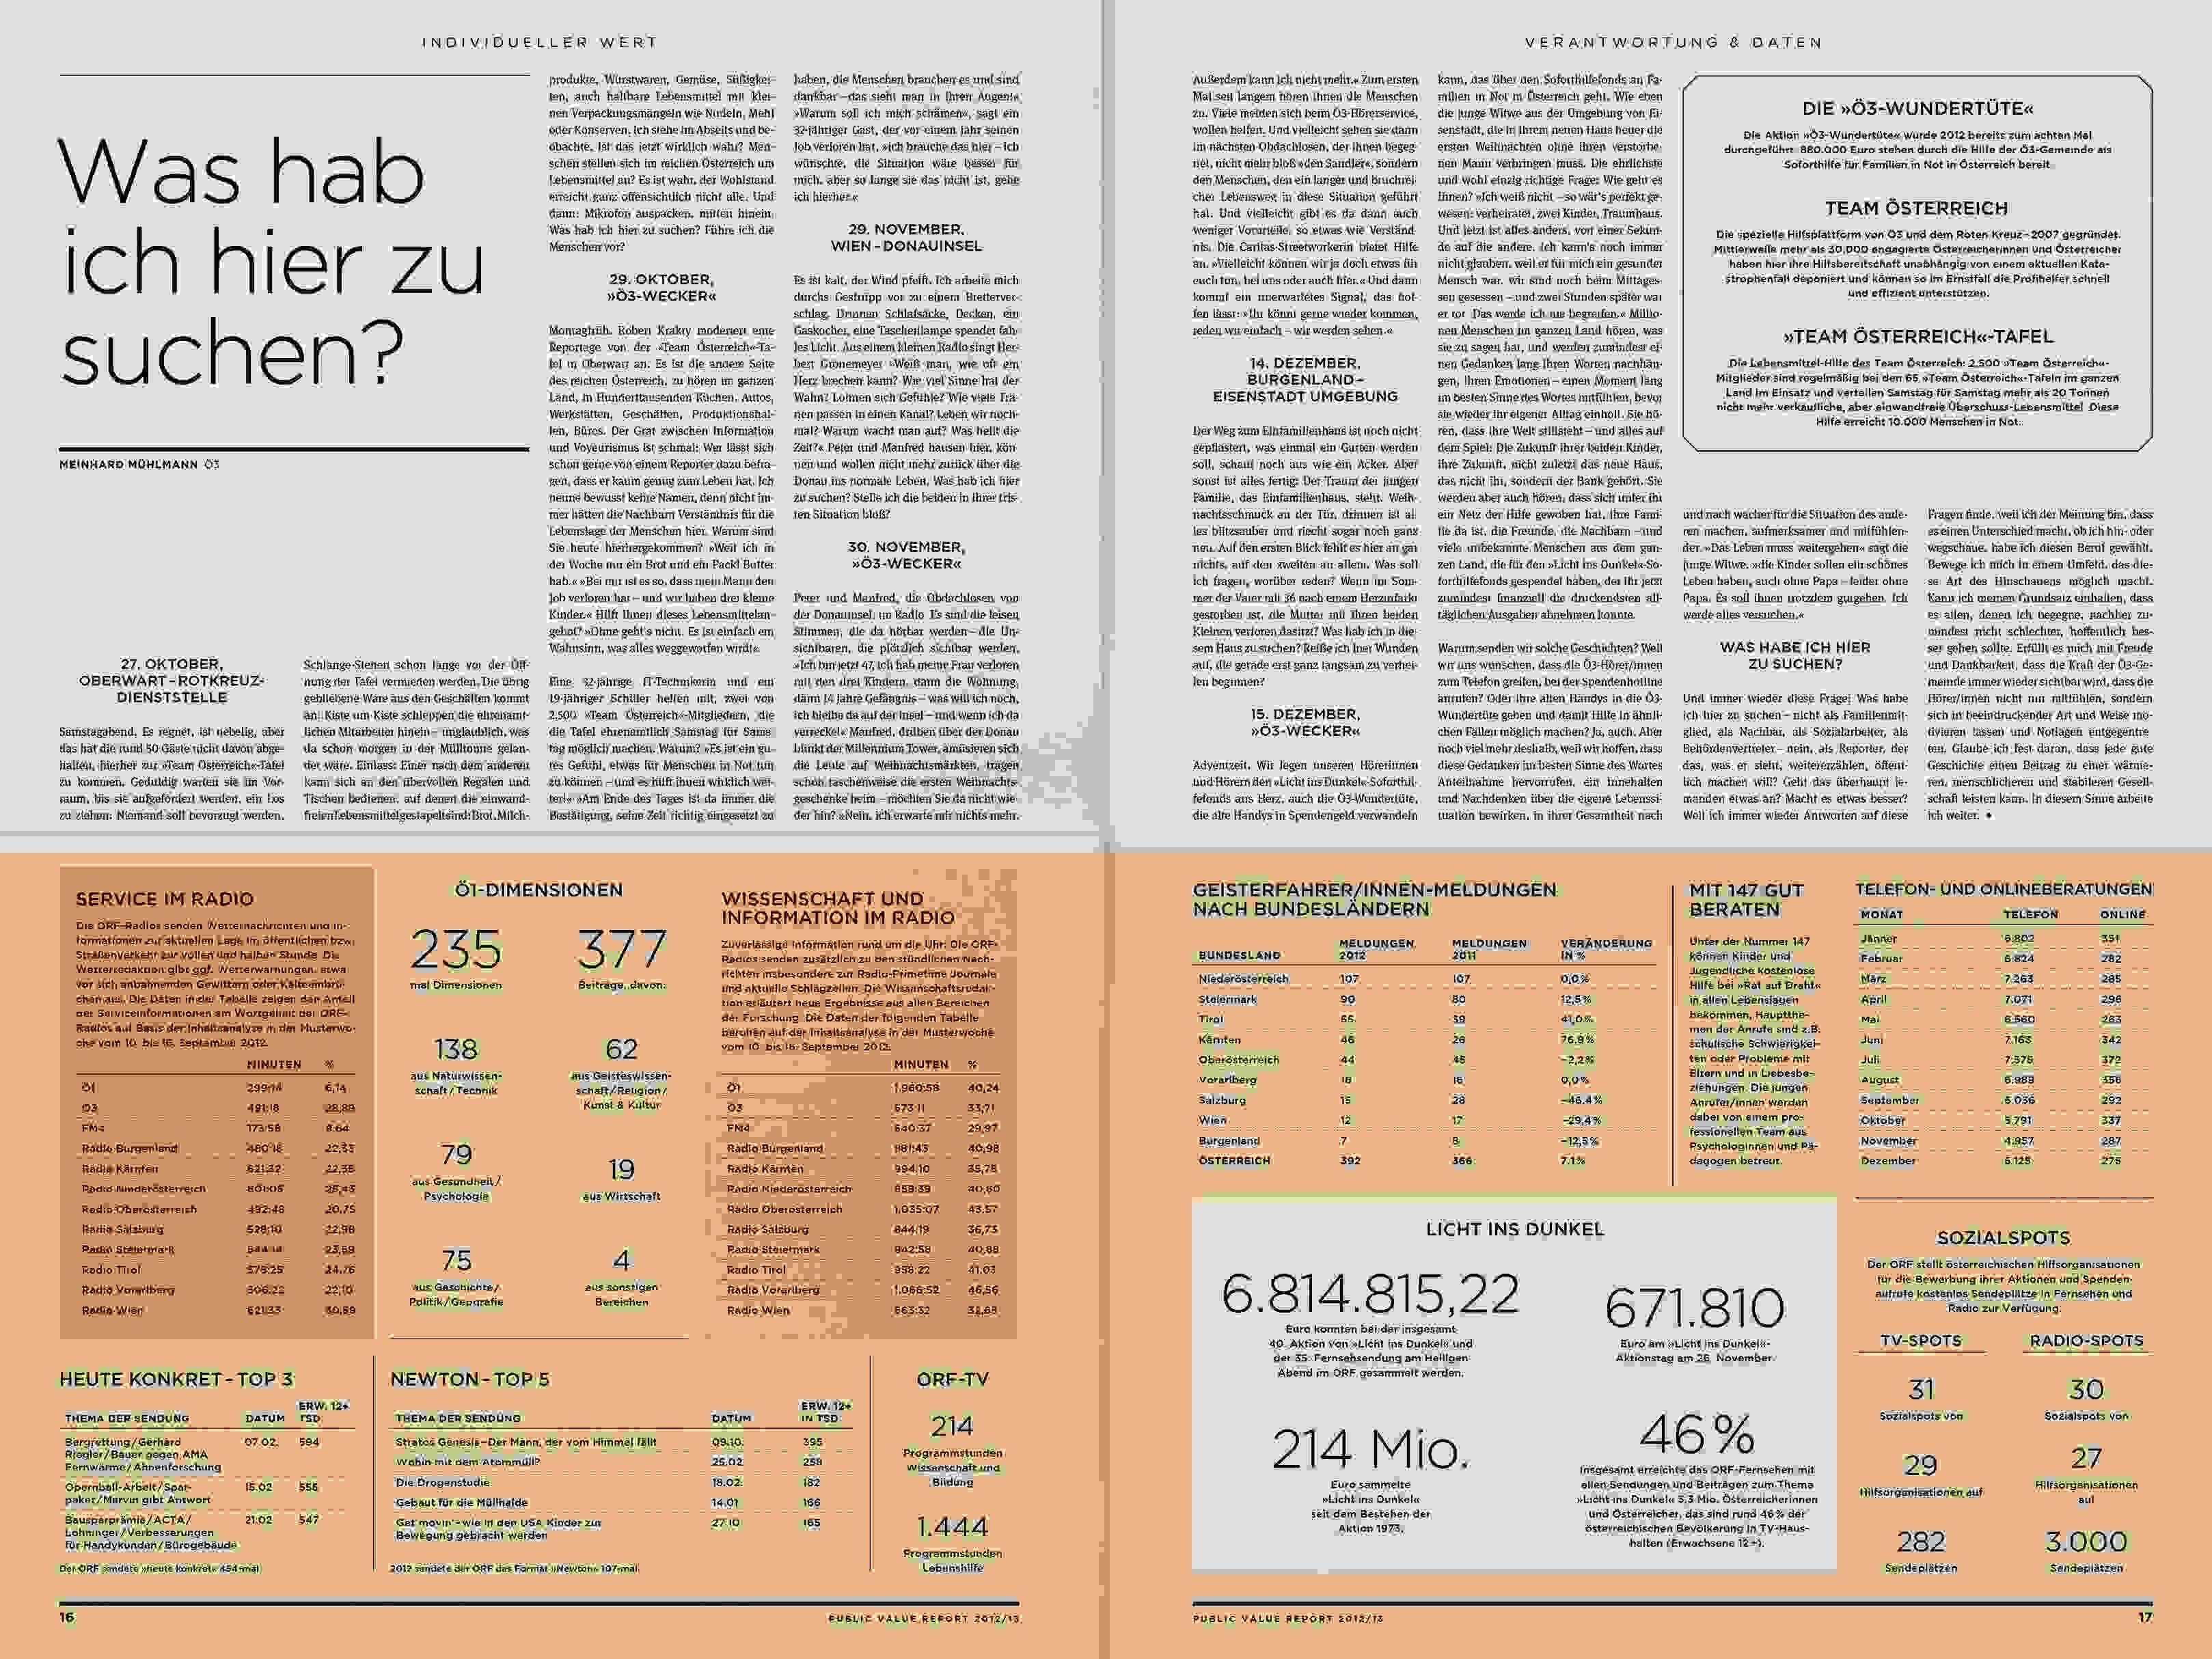 ORF PV 13 flat Dummy Zeitung Doppelseite 5